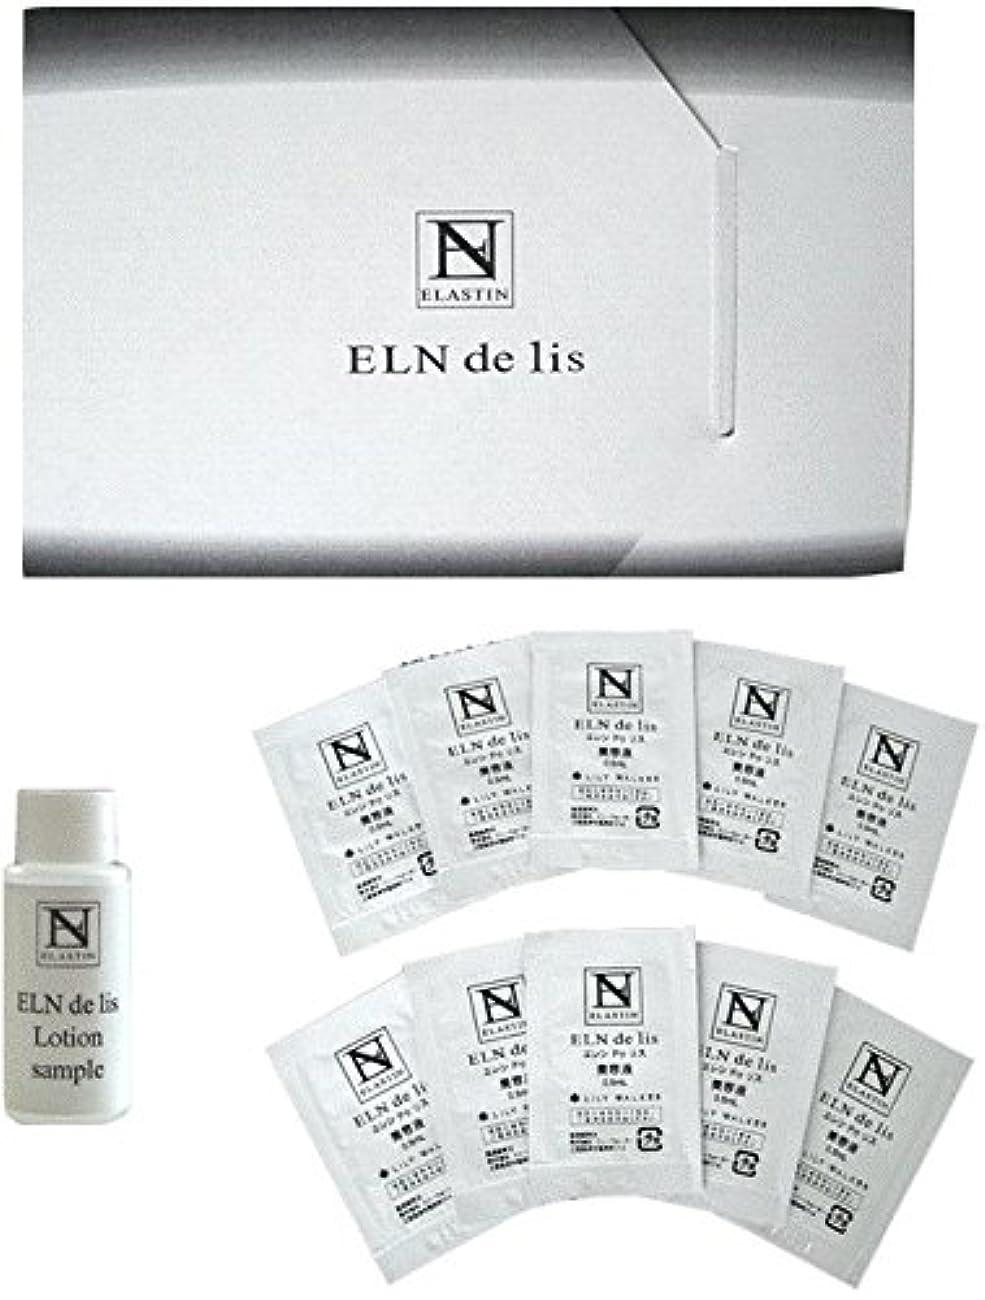 クモ限りグラム生エラスチン配合美容液 エレンドゥリス?10回分トライアルセット 化粧水付き